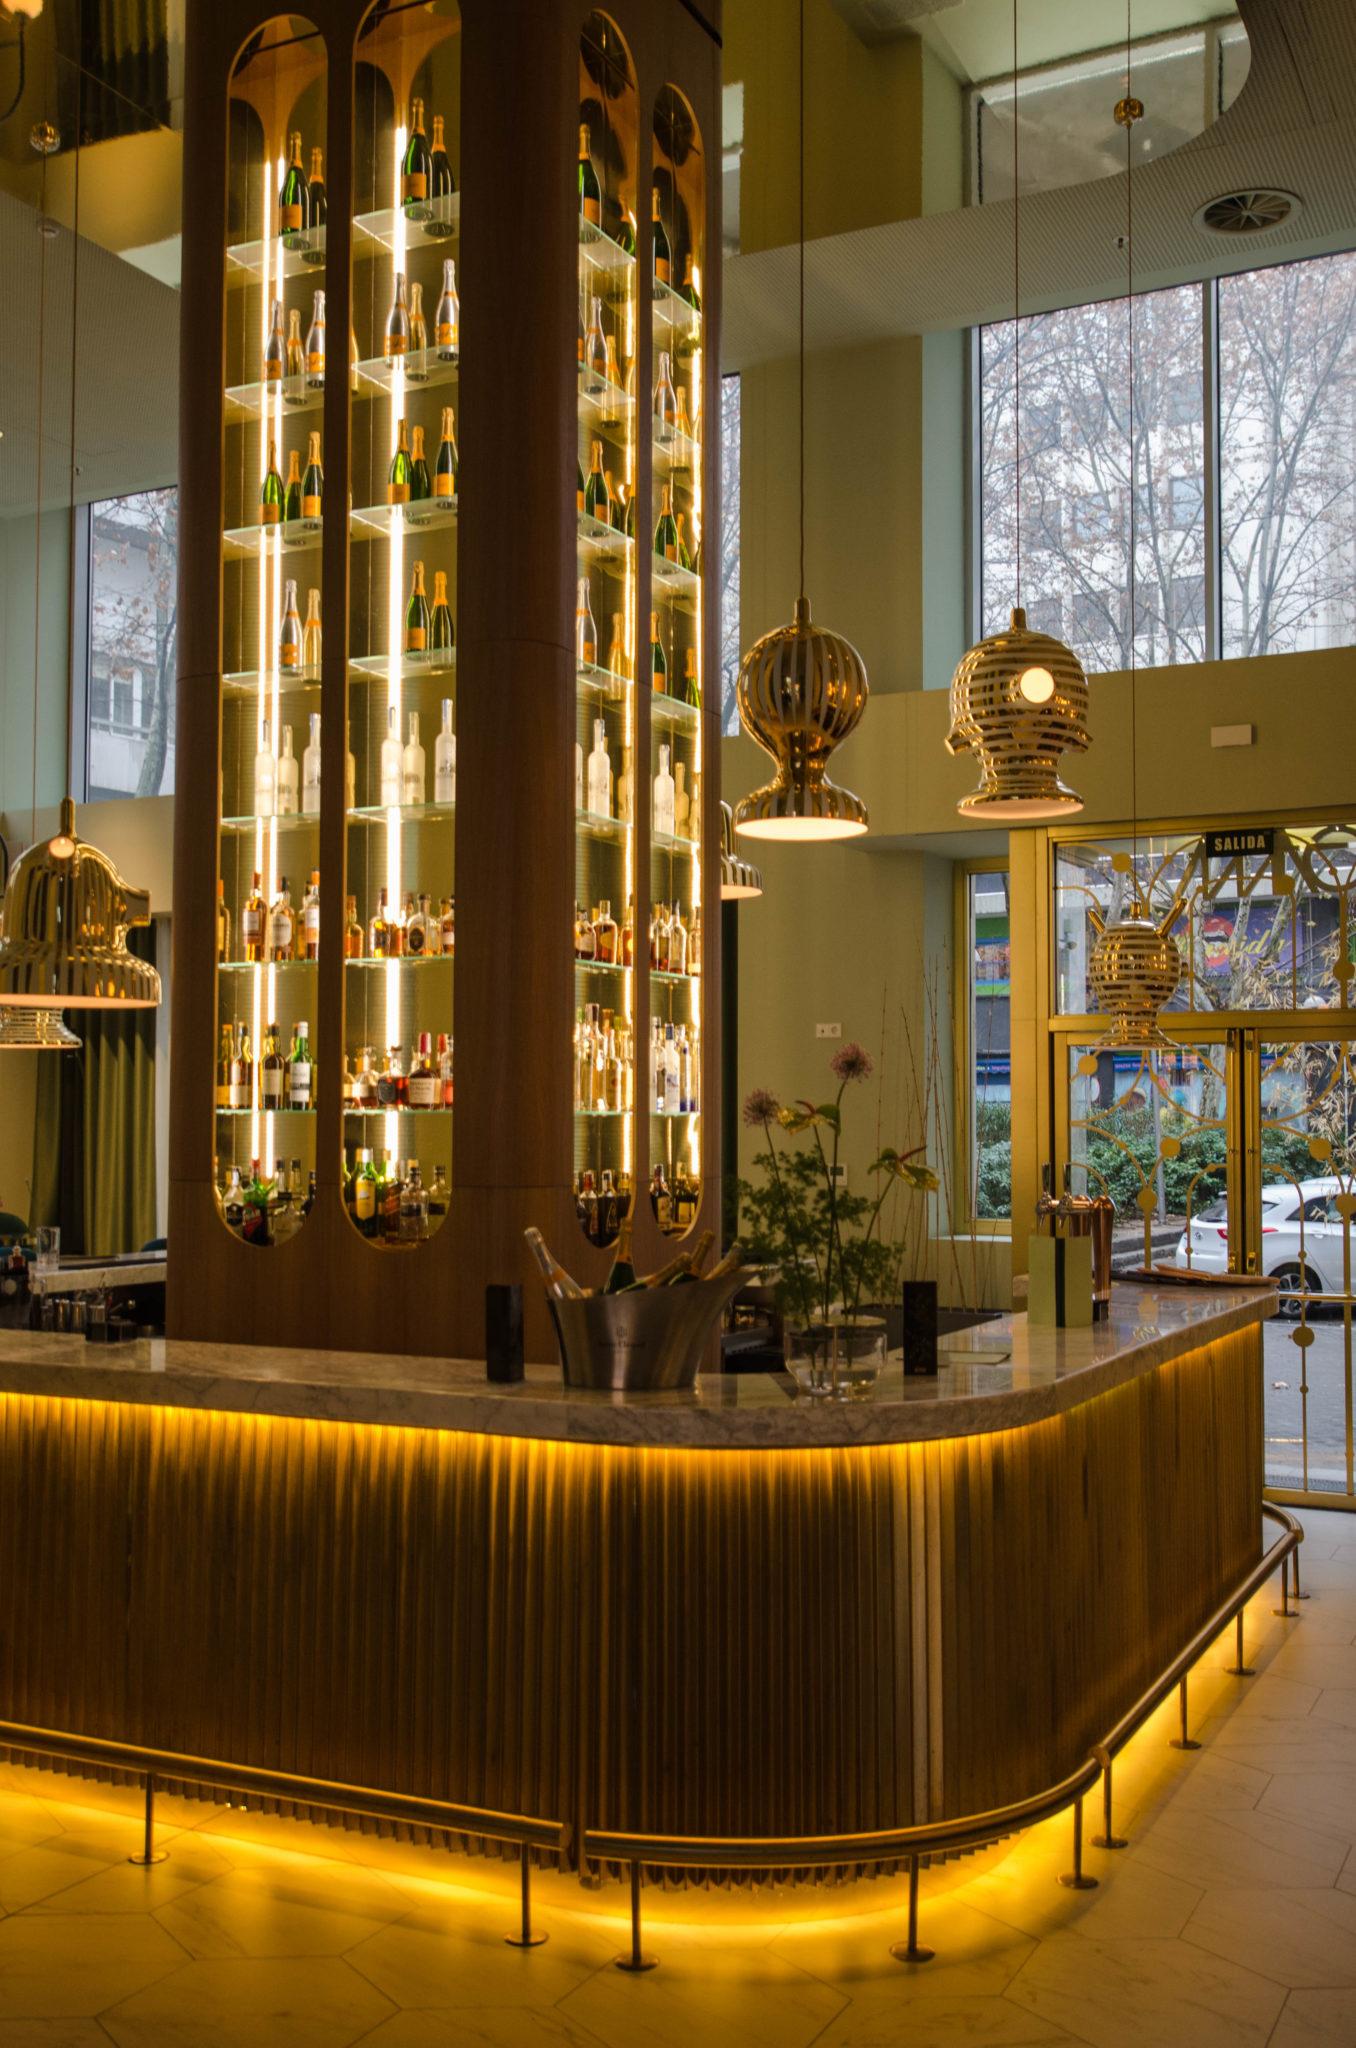 Barcelo Torre de Madrid Review: Bar